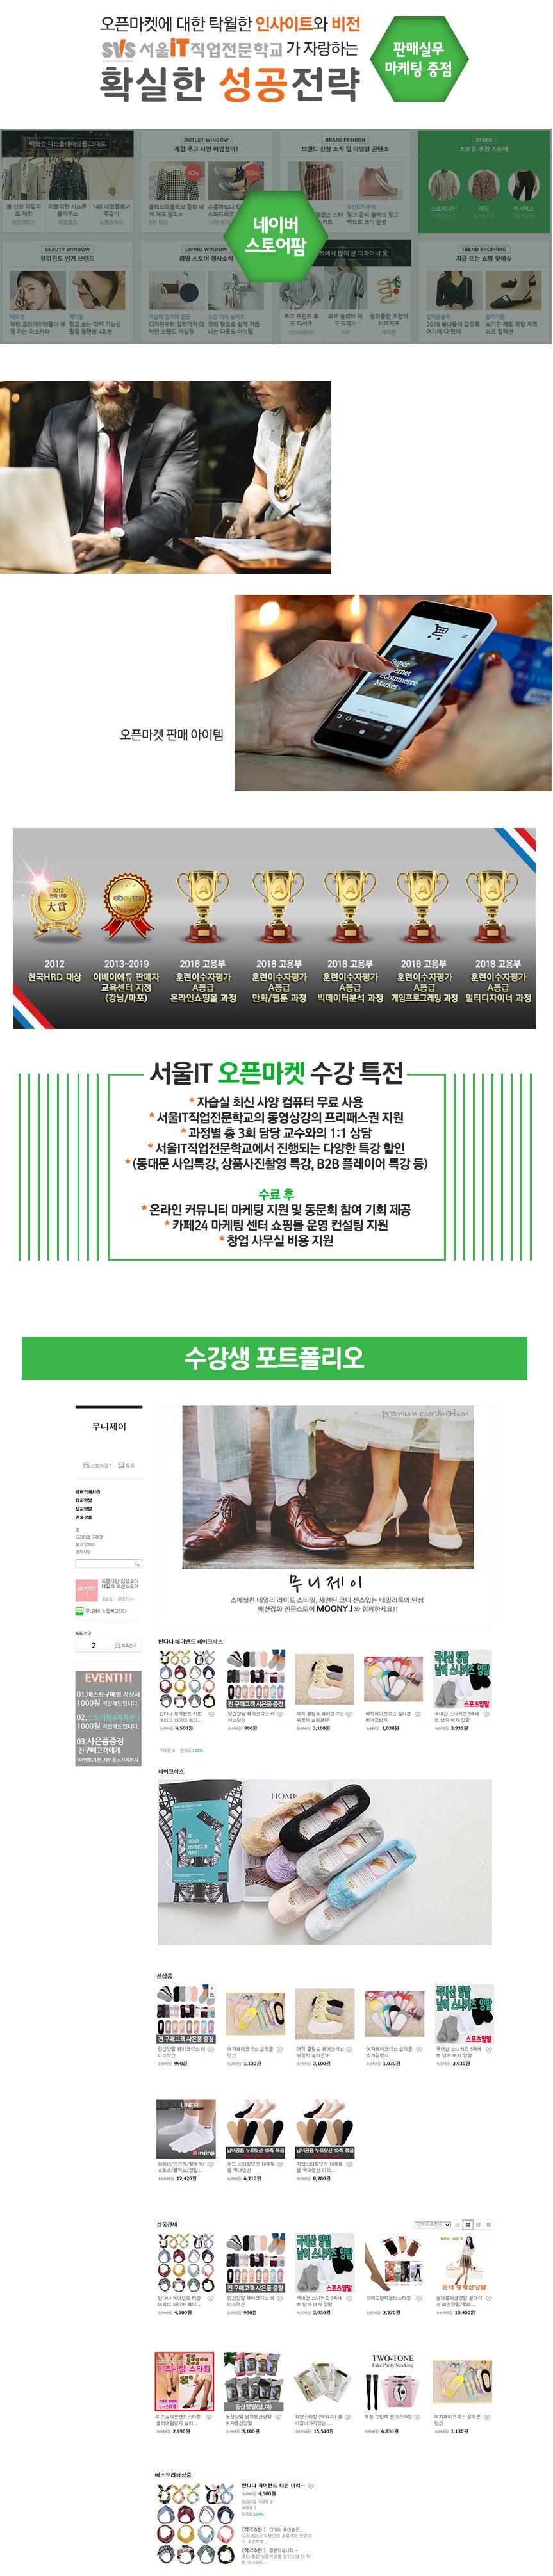 인터넷쇼핑몰학원,스마트스토어교육,서울it직업전문학교